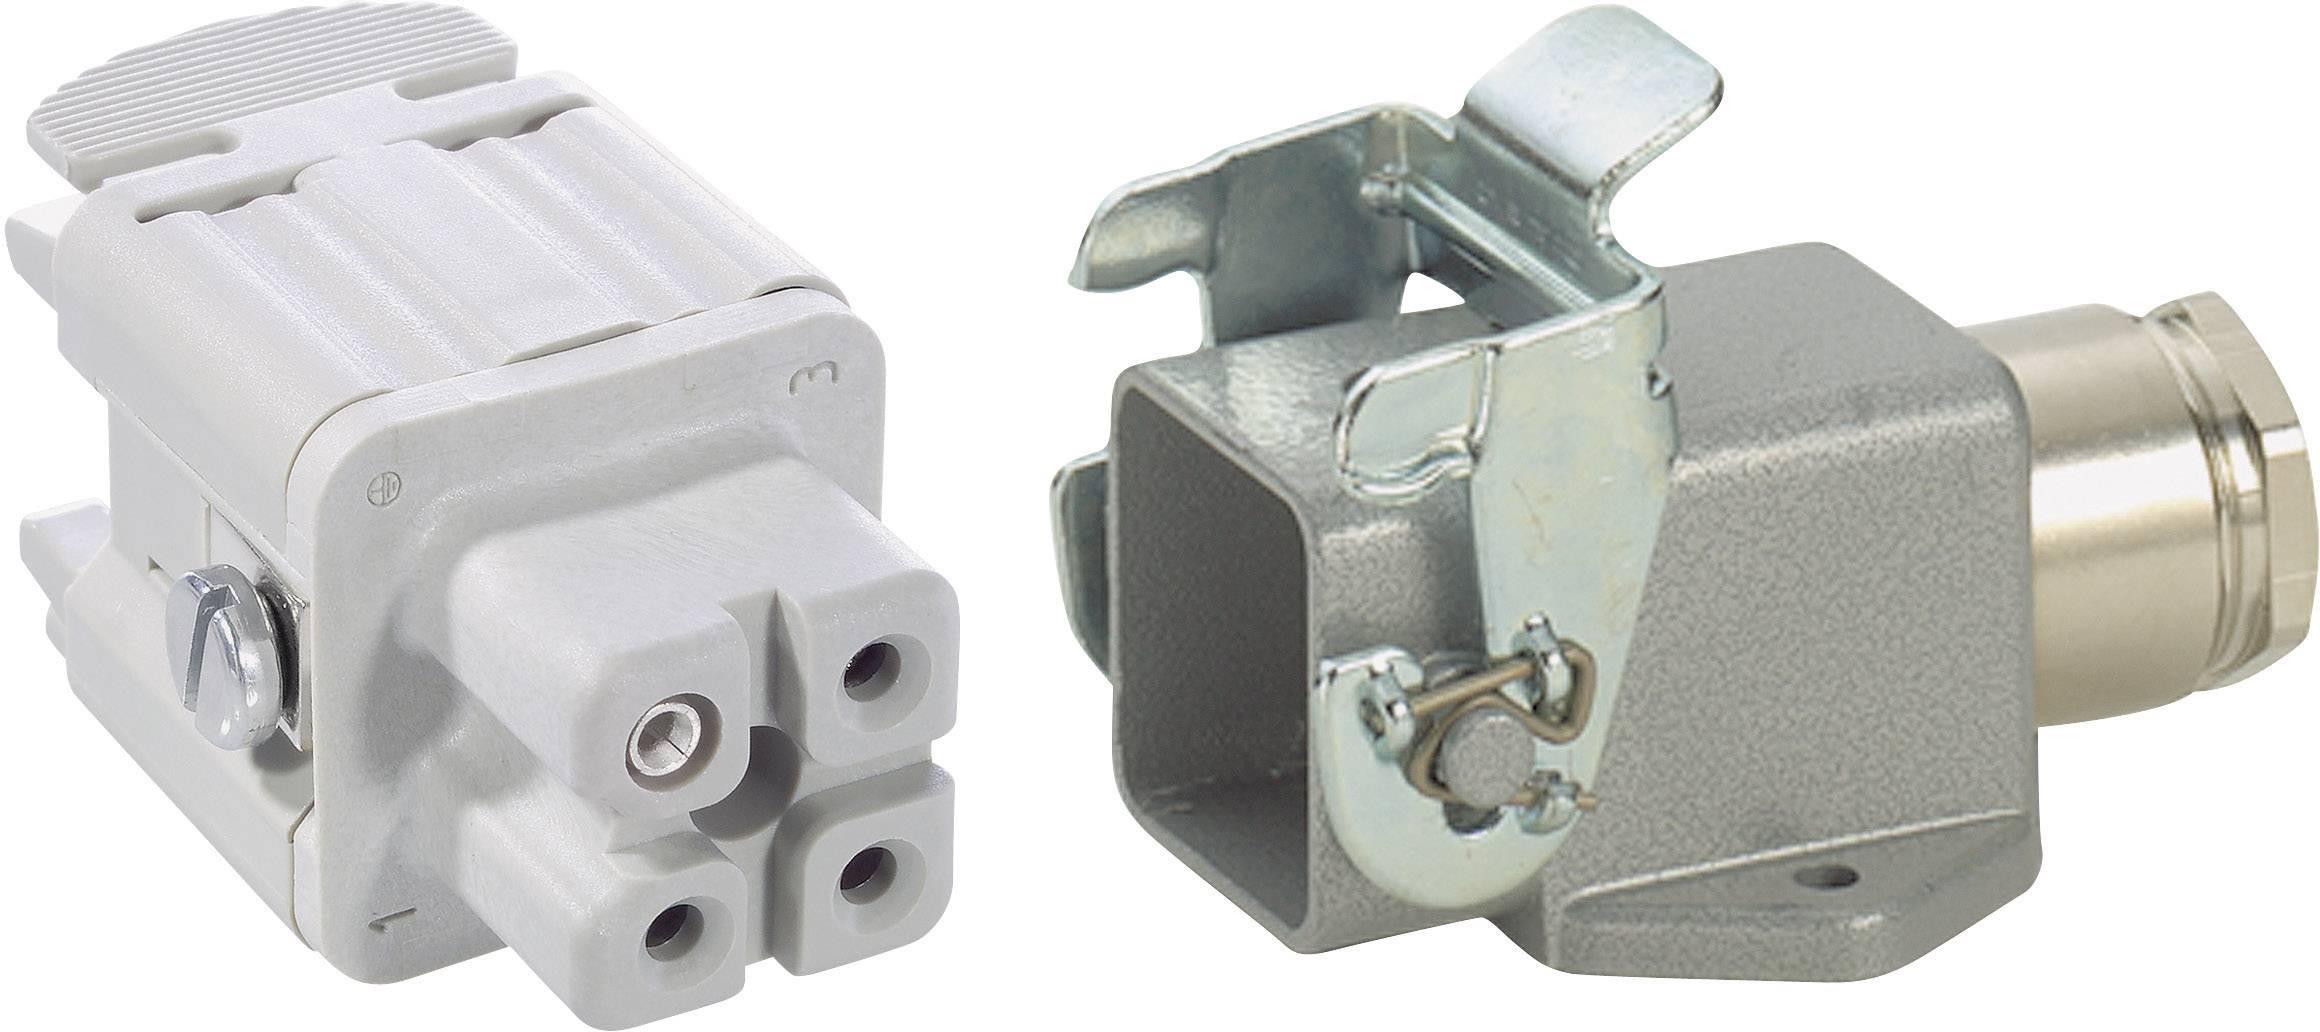 Sada konektorů EPIC®KIT H-A 3 75009610 LAPP 3 + PE šroubovací 1 sada